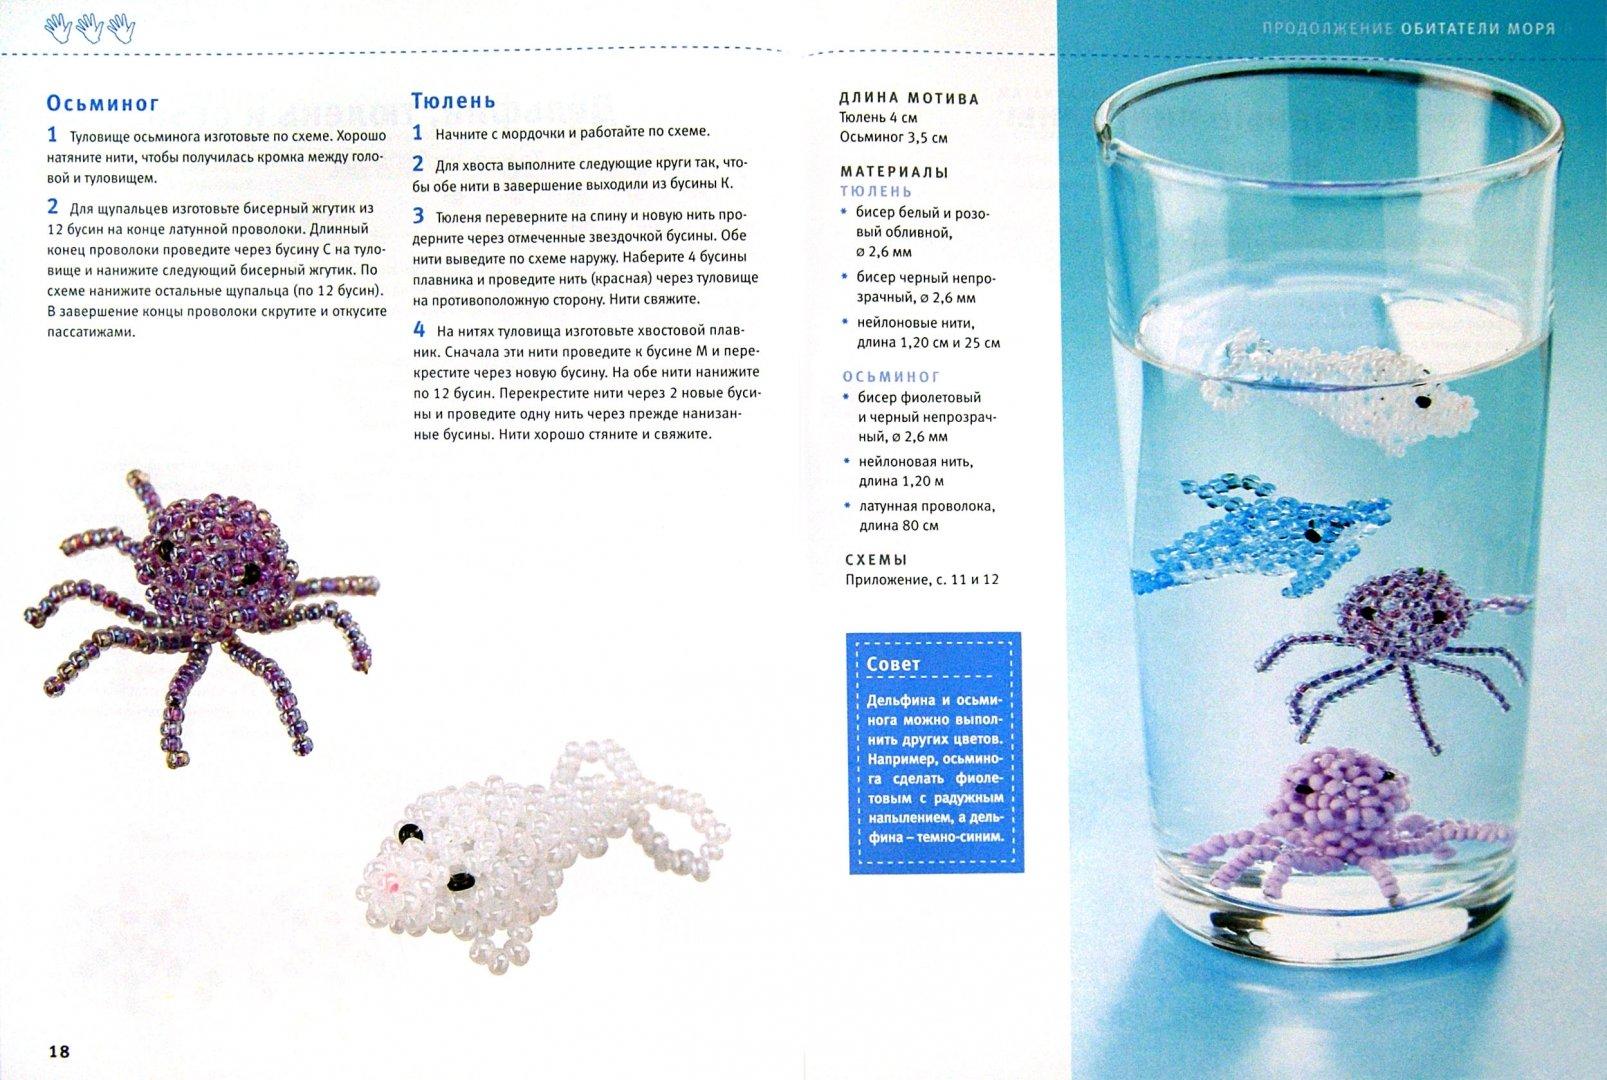 Иллюстрация 1 из 14 для Мини-зверушки из бисера. Японская техника - Христиане Брюнинг | Лабиринт - книги. Источник: Лабиринт